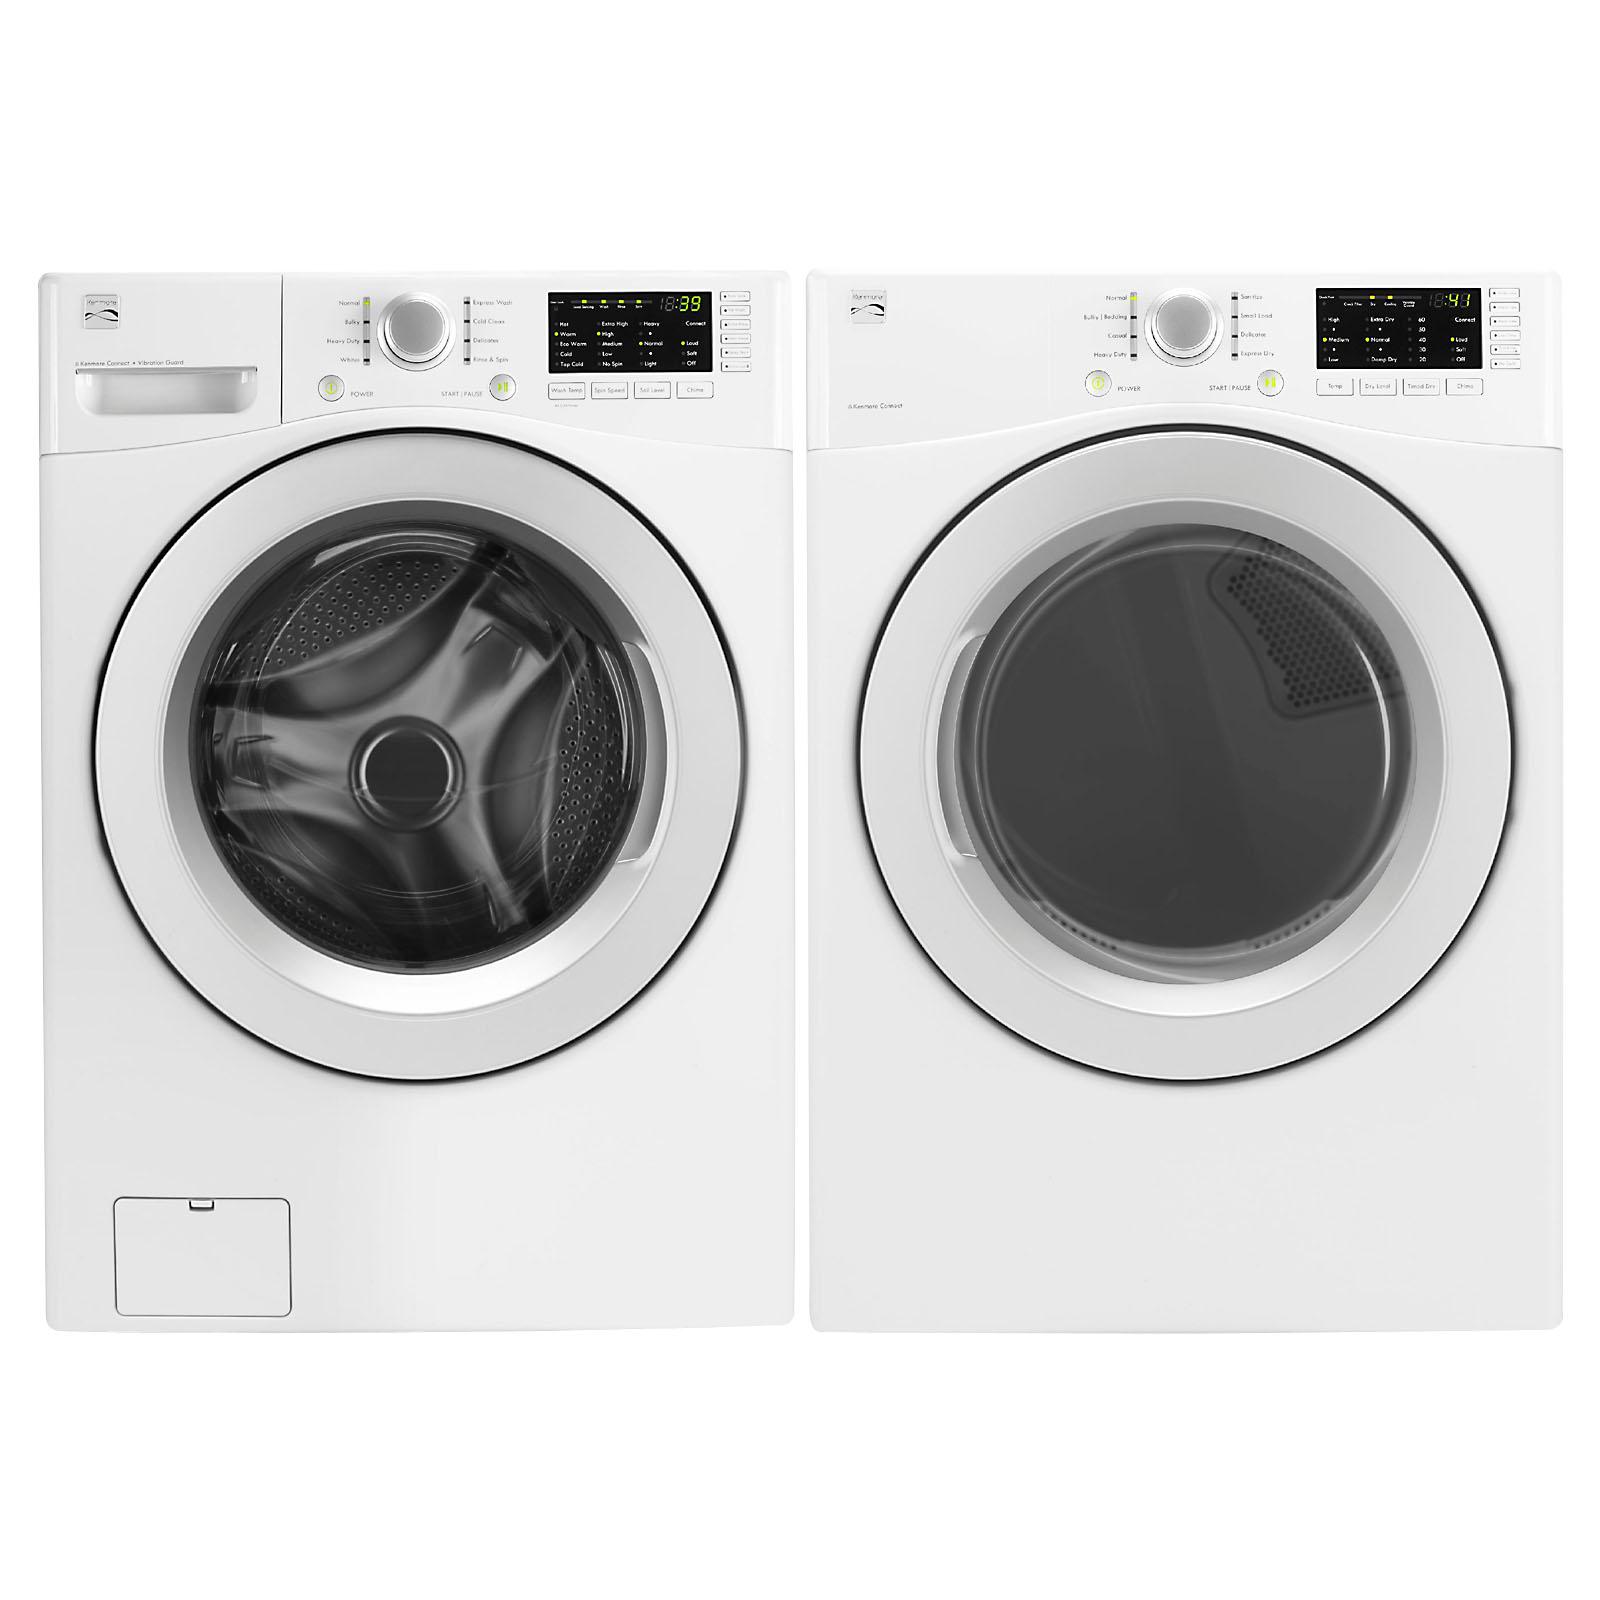 4.3 cu. ft. Front-Load Washer & 7.3 cu. ft. Dryer Bundle